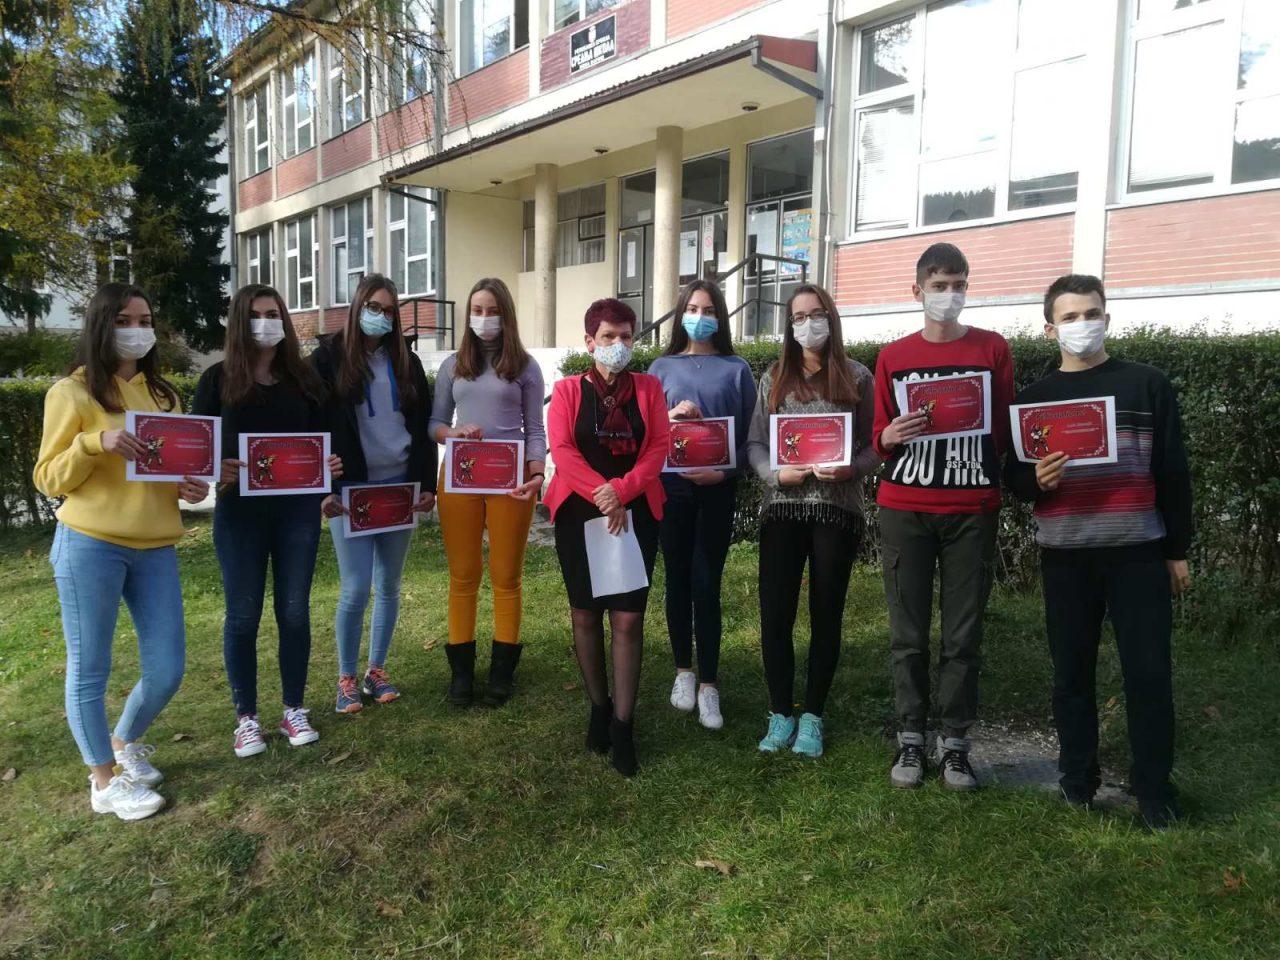 Ученици II2 са професорицом Садијом Башовић